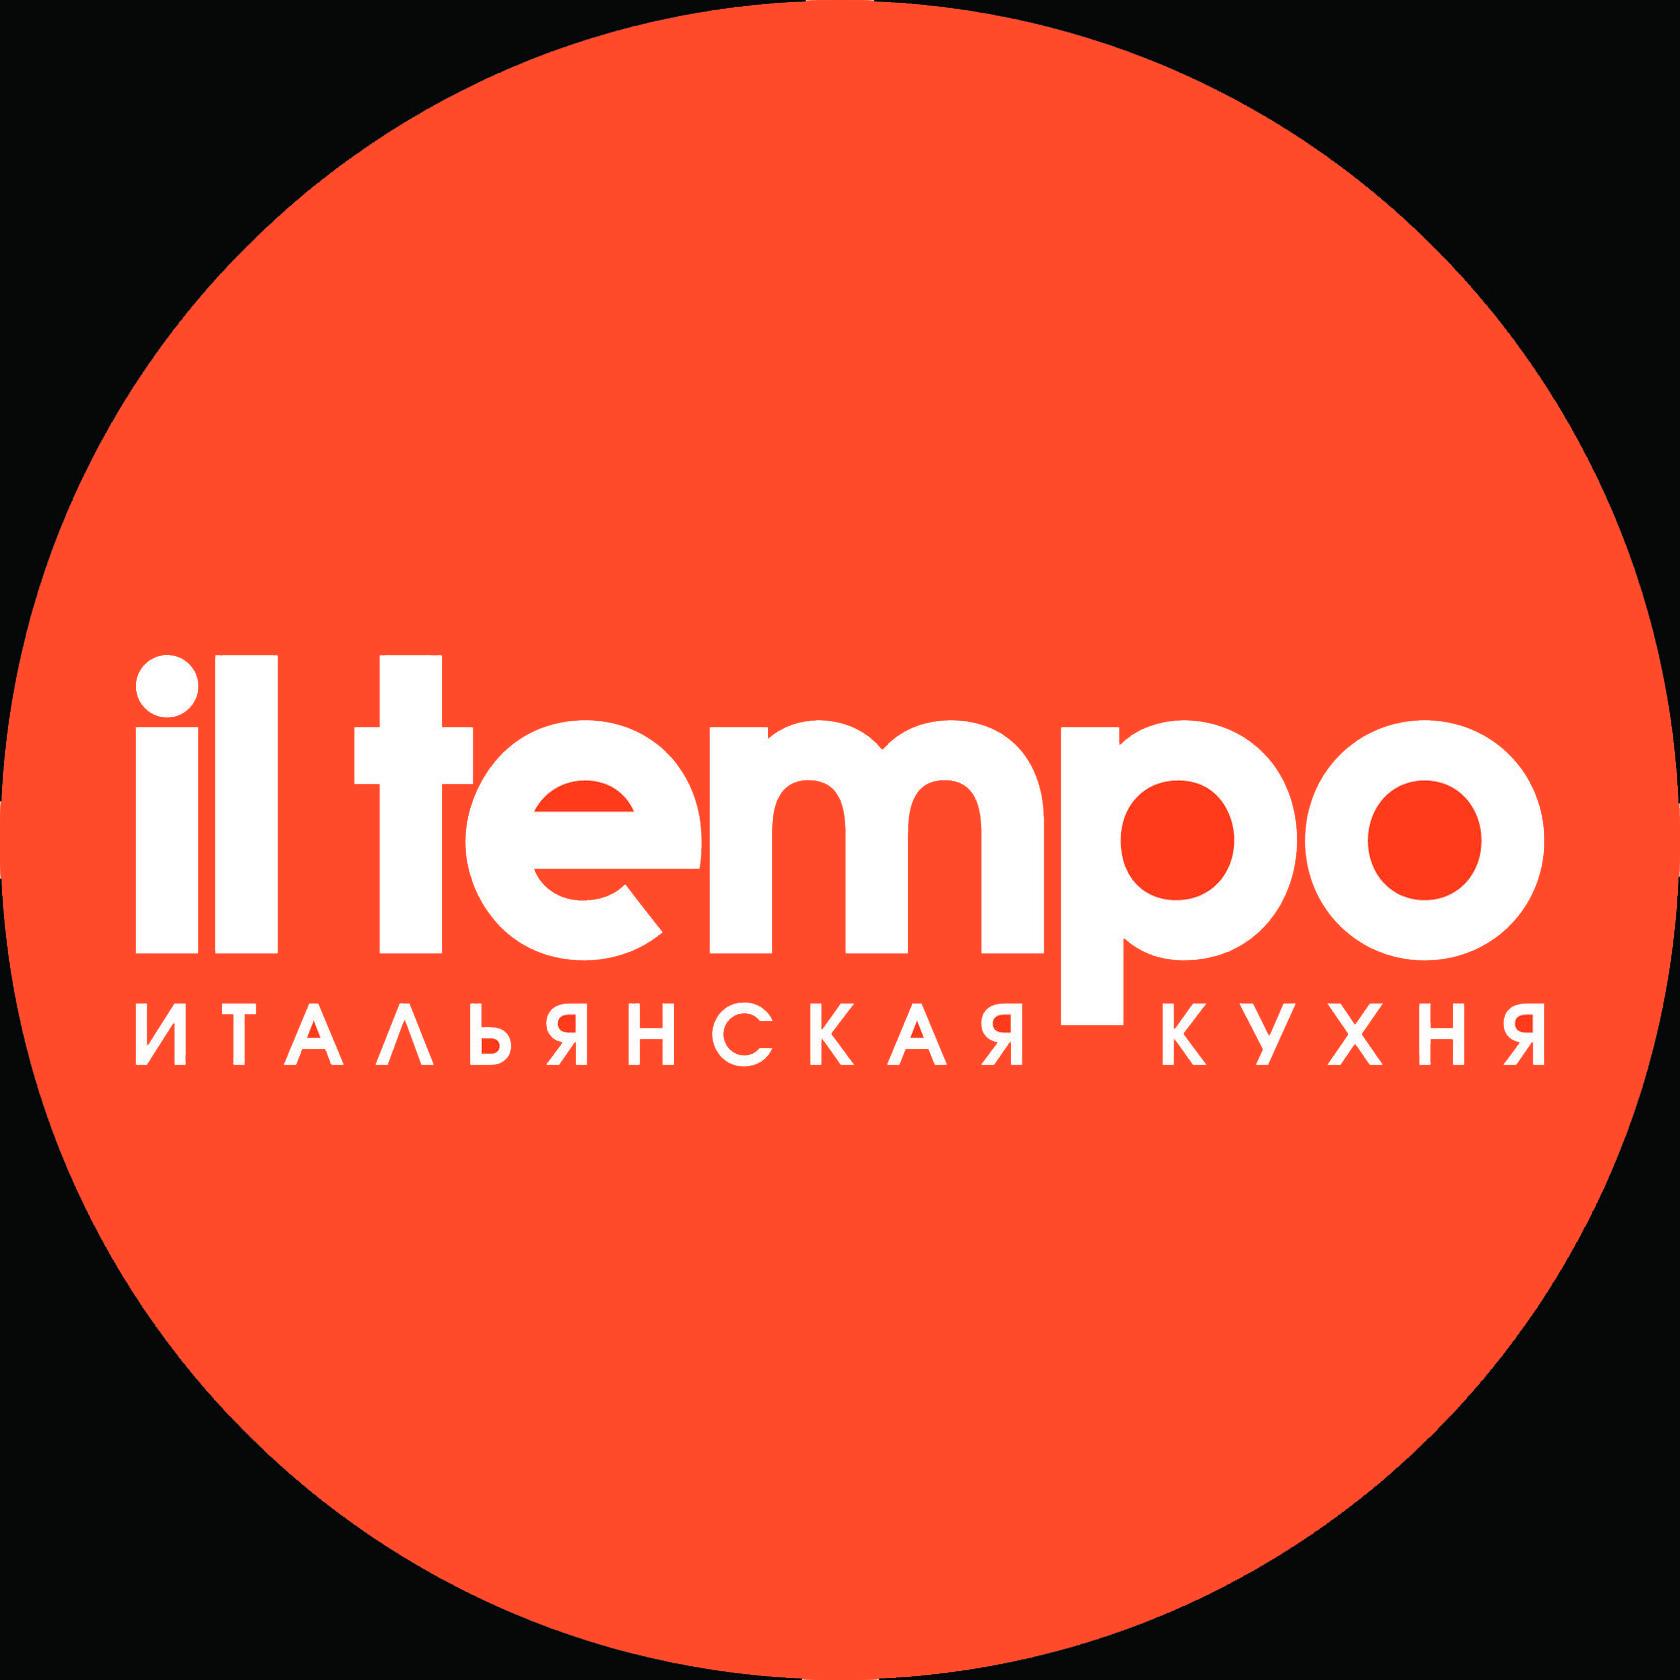 Ресторан Il Tempo - итальянская кухня в Нижнем Новгороде